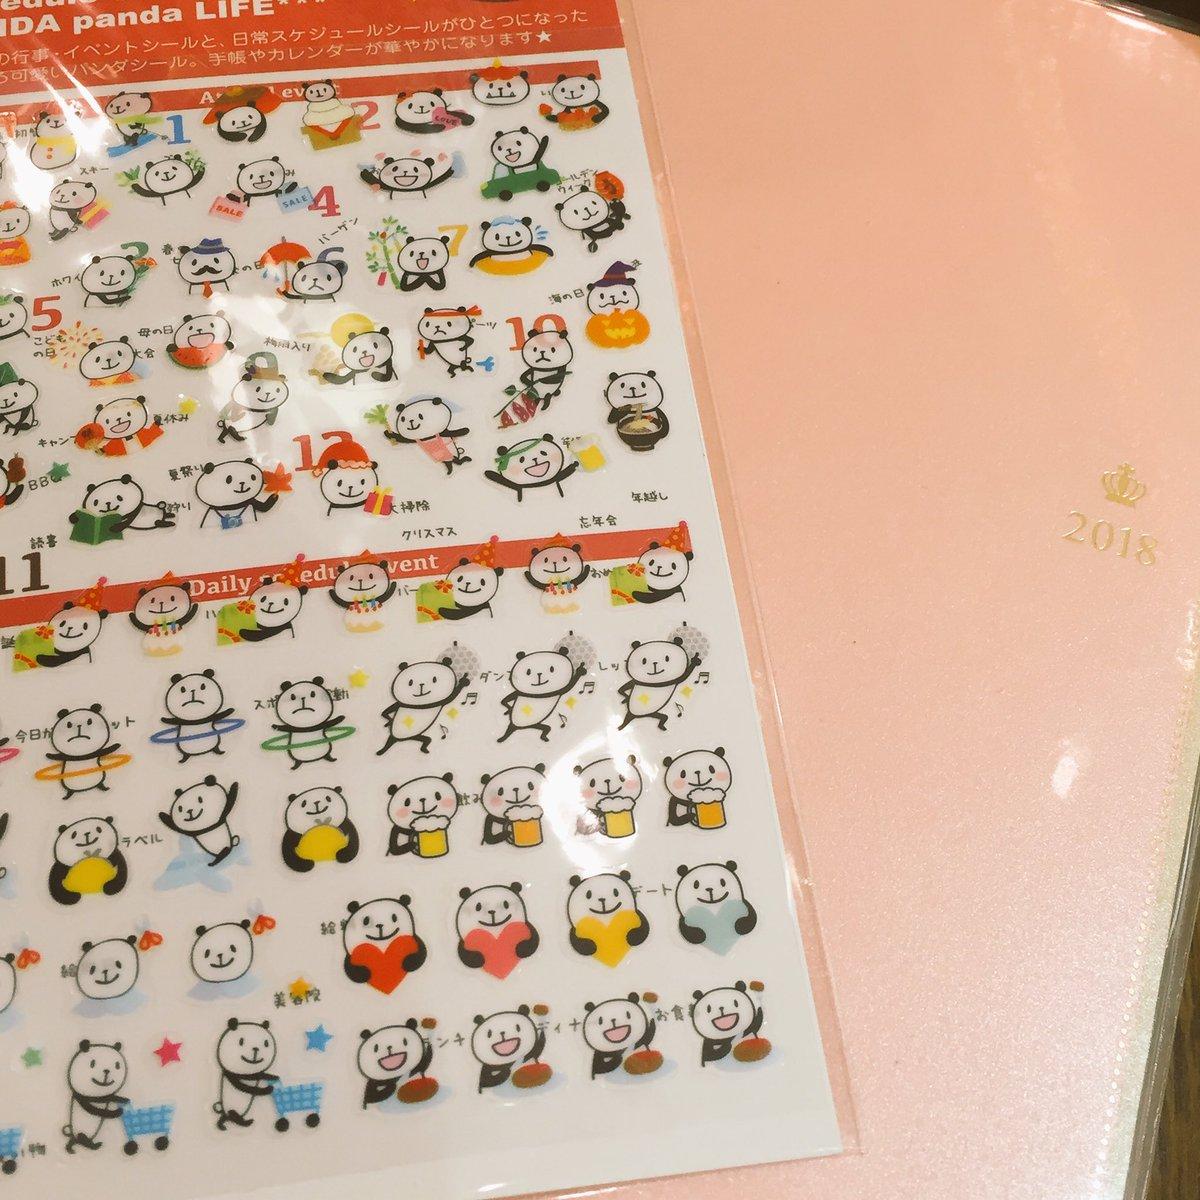 人生で好きなことベスト20に入るかもしれないくらい好きなこと:手帳にシールを貼る、をしている(*゚ω…